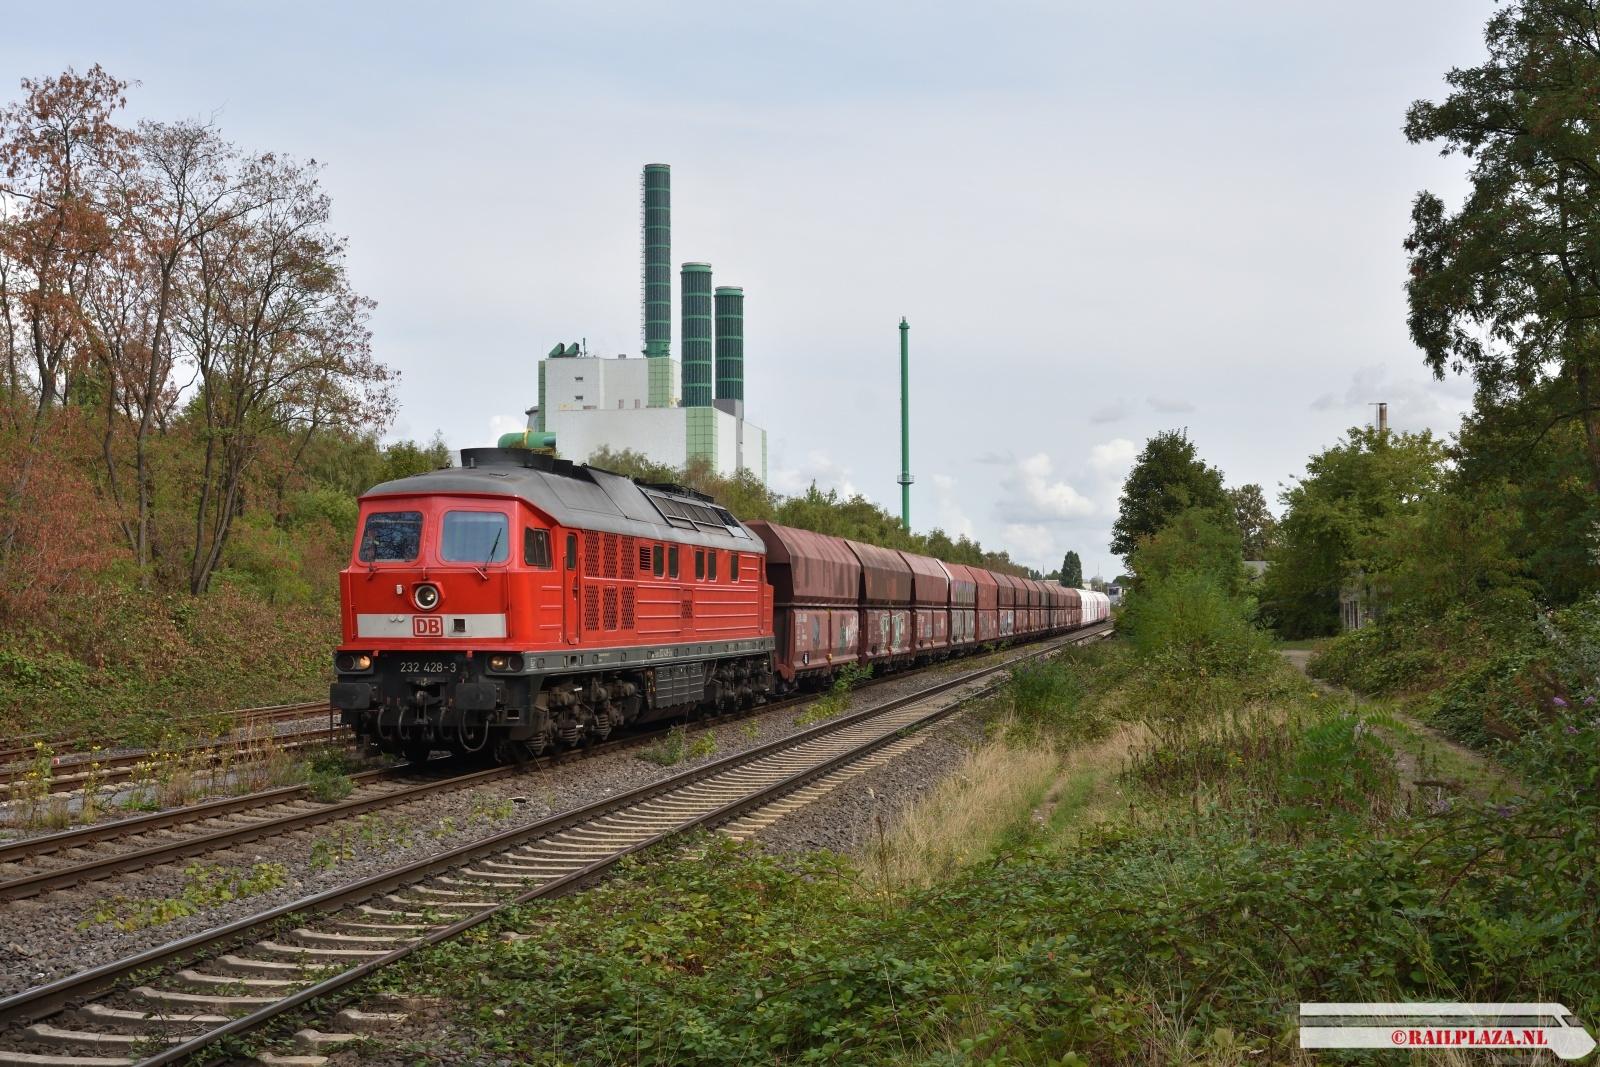 232 428 - Wanheim-Duisburg